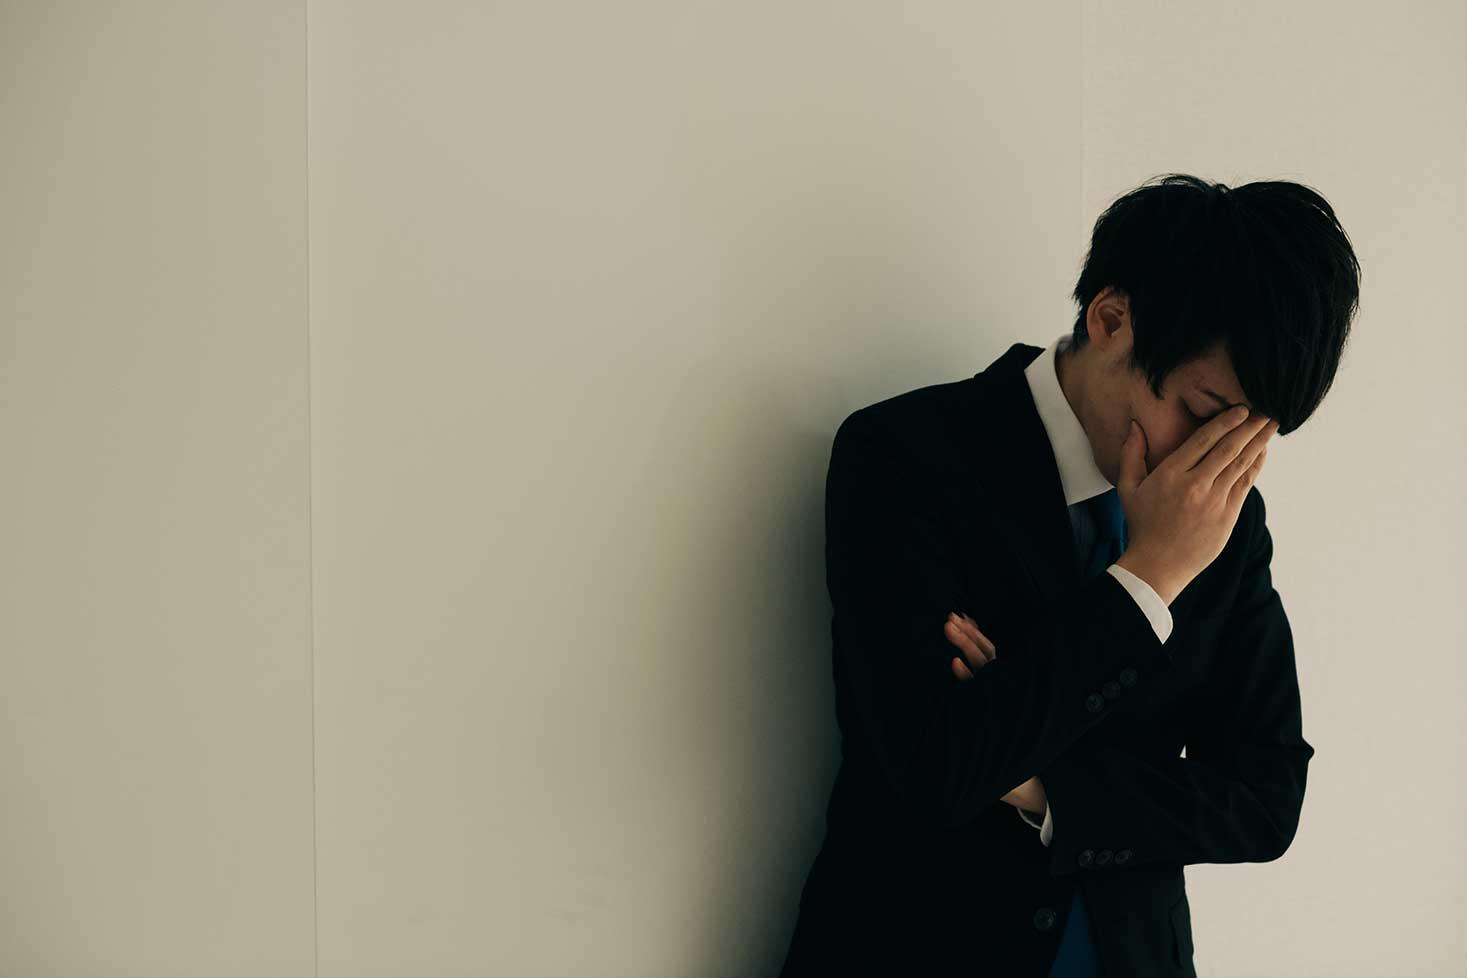 ストレス発散できない!ストレスが溜まるとすぐ泣いてしまう